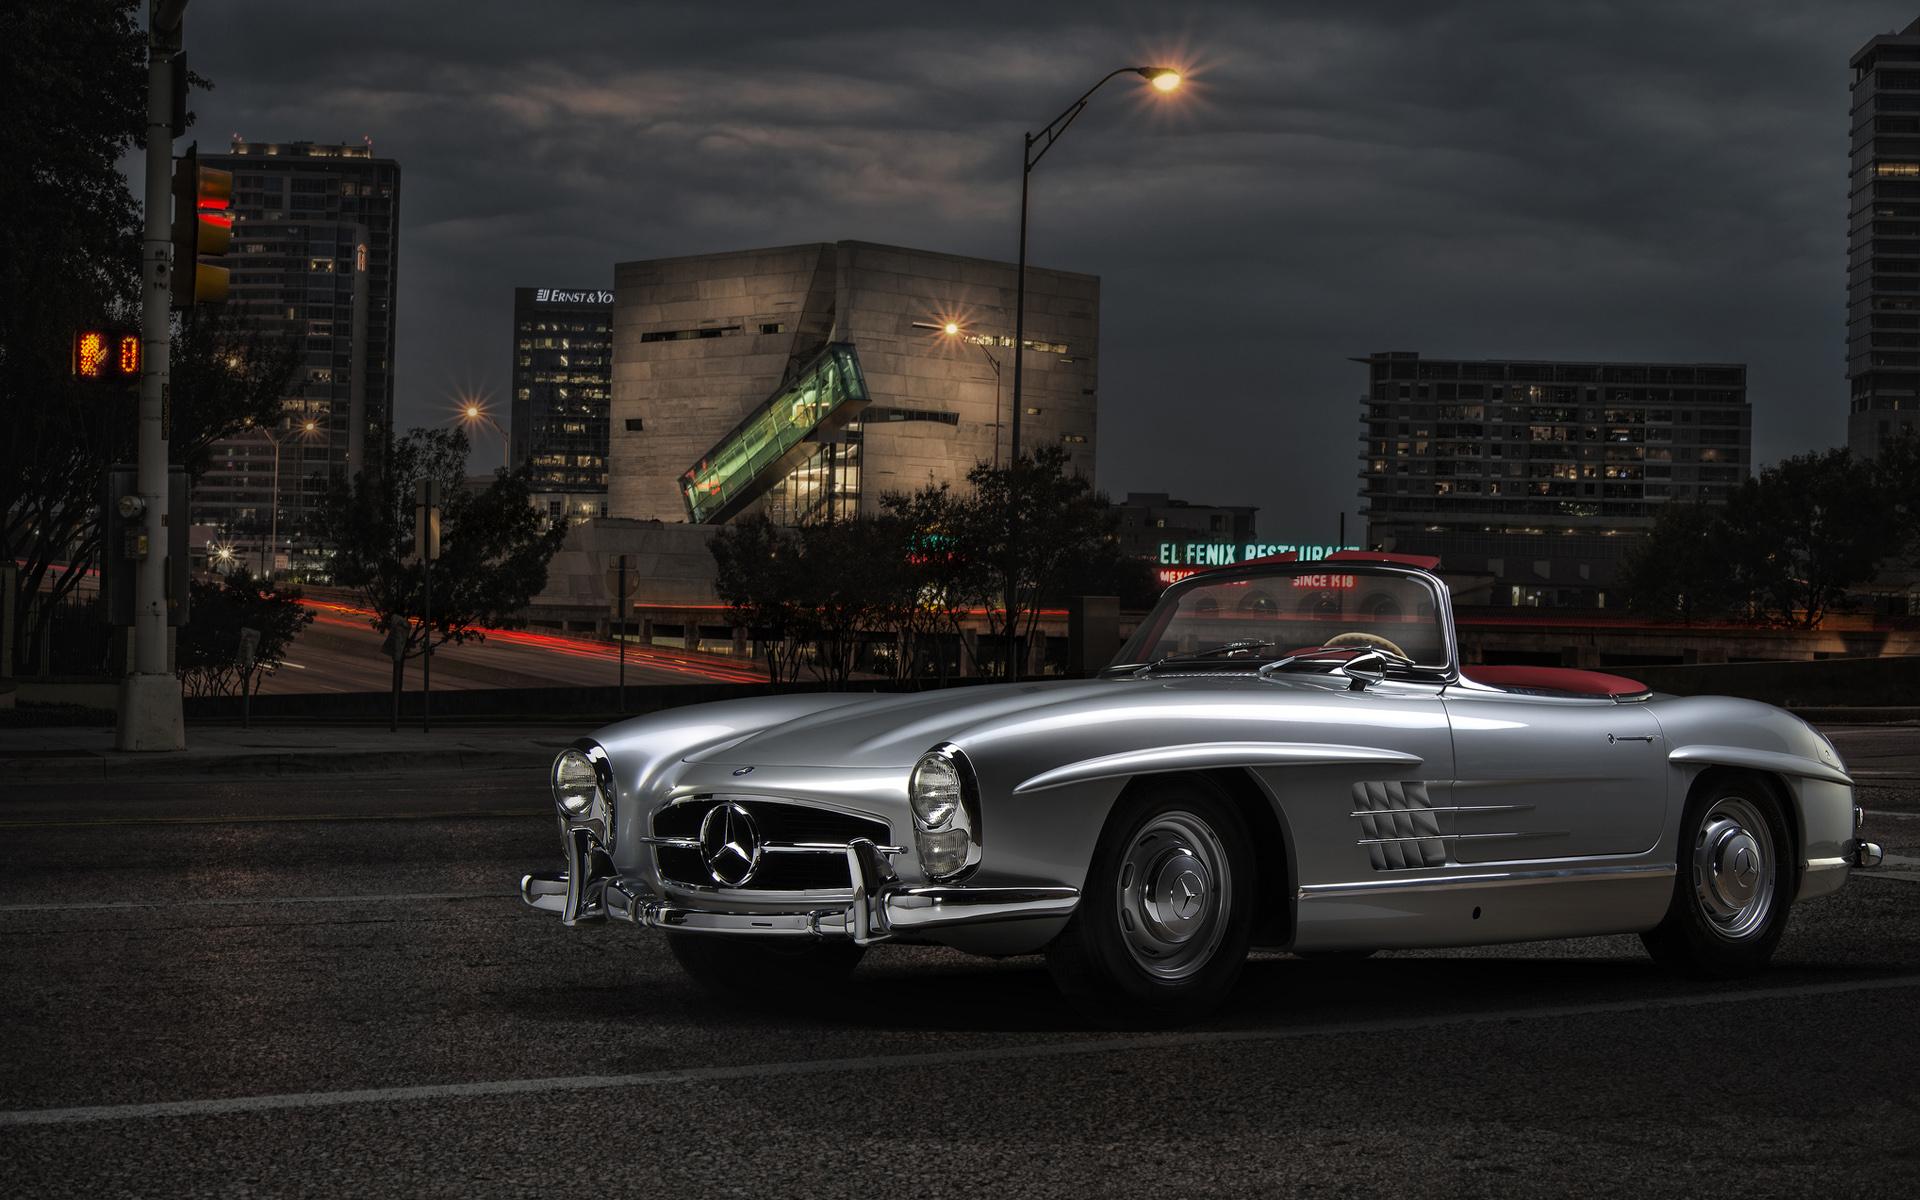 Ambassador Car Wallpaper Mercedes Benz Classic Wallpaper Hd Car Wallpapers Id 3382